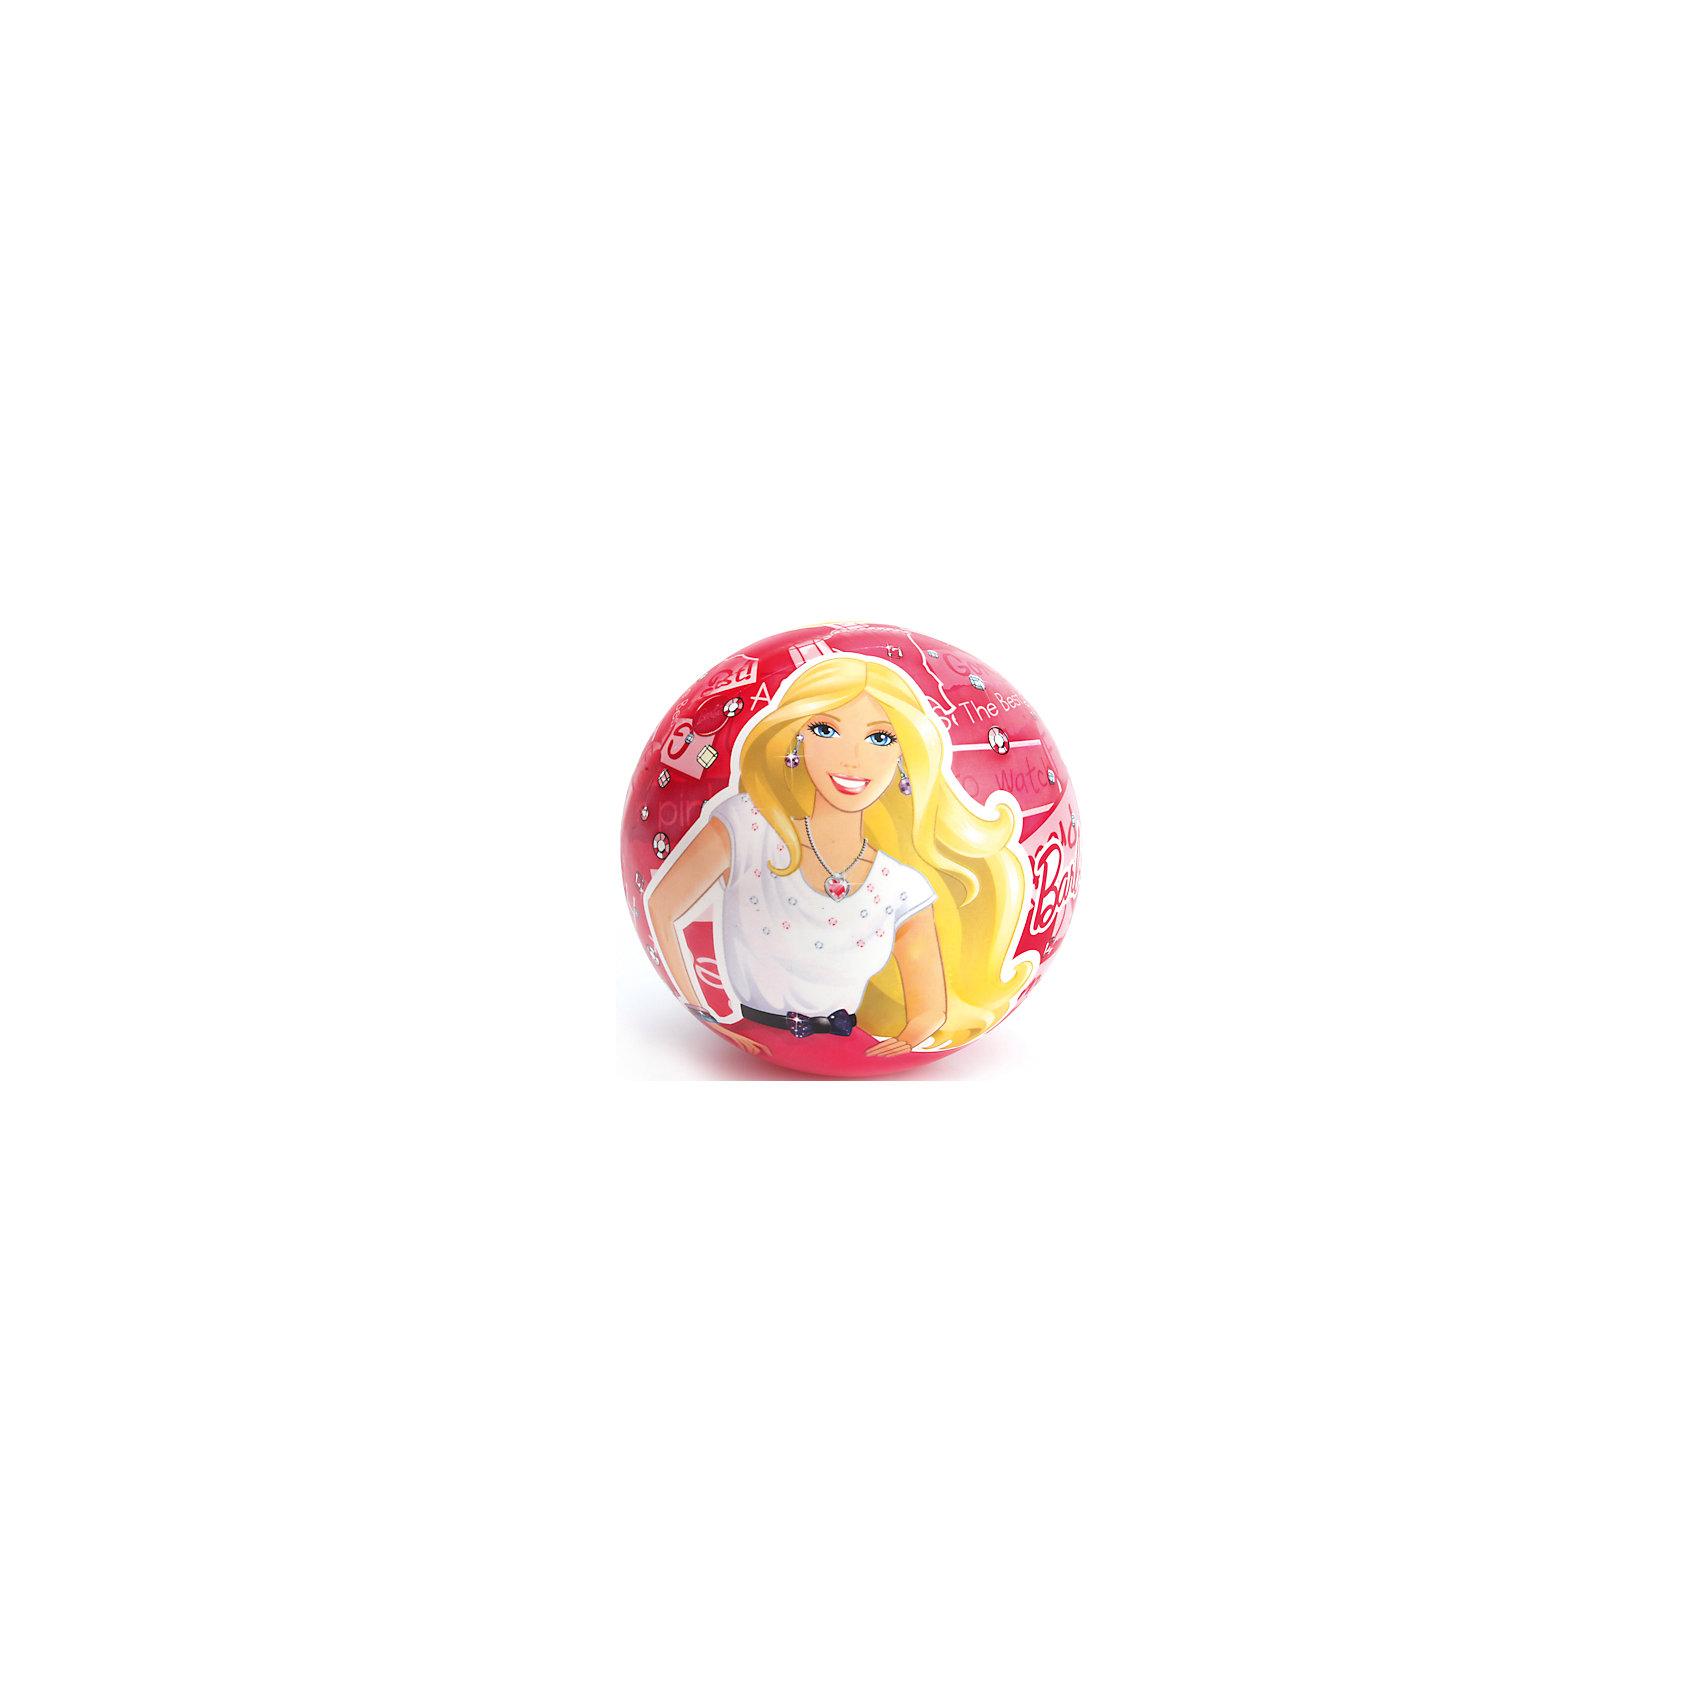 Мяч, 23 см, Barbie, Играем вместеBarbie<br>Мяч с изображением любимой куклы - прекрасный подарок для любой девочки! Игры с мячом  стимулируют детей к физической активности, развивают моторику, координацию, тренируют различные группы мышц. Игрушка выполнена из высококачественных материалов, в производстве которых использованы только нетоксичные, безопасные для детей красители. <br><br>Дополнительная информация:<br><br>- Материал: ПВХ.<br>- Размер d - 23 см.<br><br>Мяч, 23 см, Barbie (Барби), Играем вместе, можно купить в нашем магазине.<br><br>Ширина мм: 460<br>Глубина мм: 360<br>Высота мм: 280<br>Вес г: 110<br>Возраст от месяцев: 36<br>Возраст до месяцев: 144<br>Пол: Женский<br>Возраст: Детский<br>SKU: 4616839